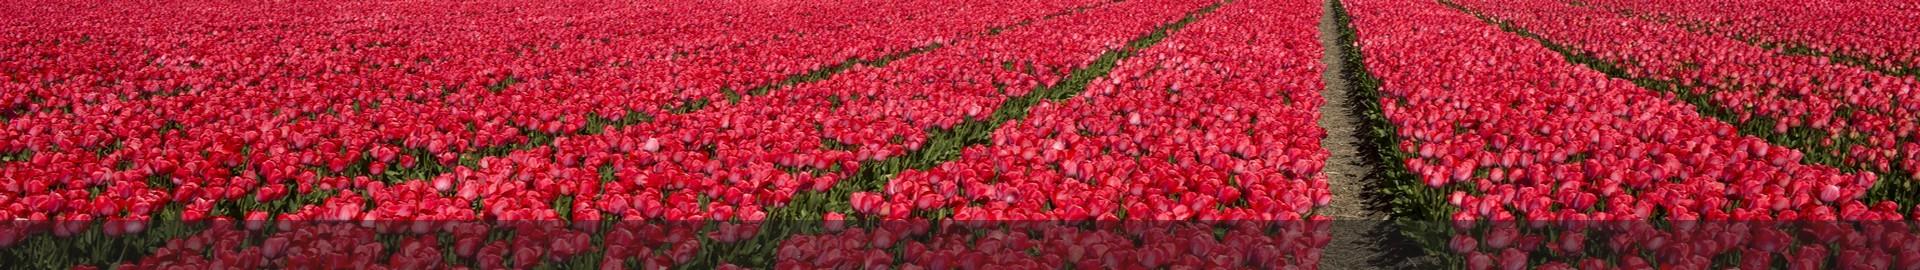 Tulip culture, Netherland